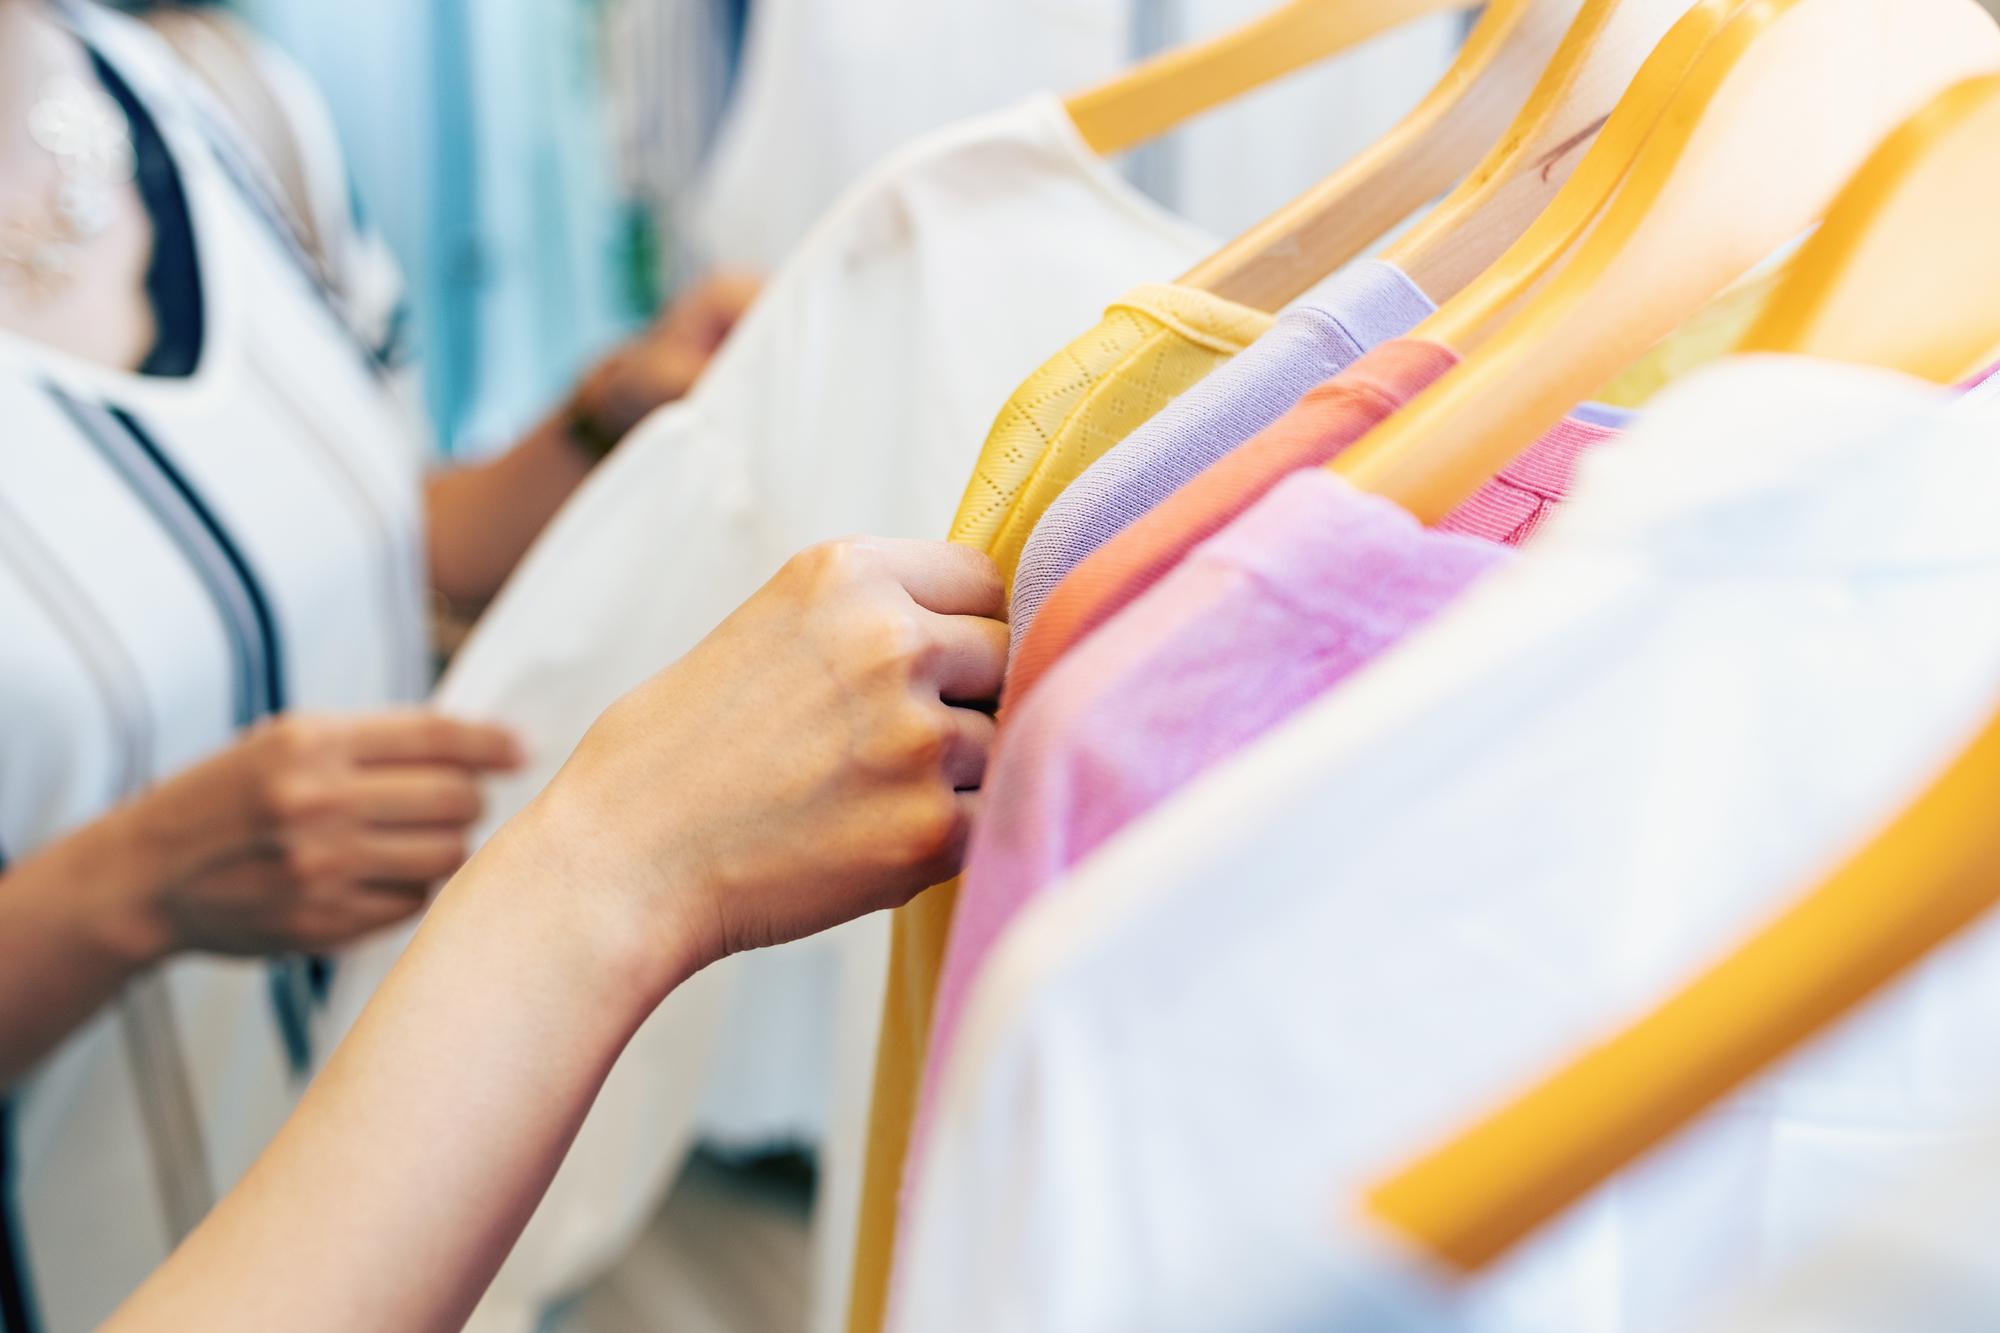 日本では新品の洋服が「1年で10億枚」も破棄されている…アパレル業界の仕組み